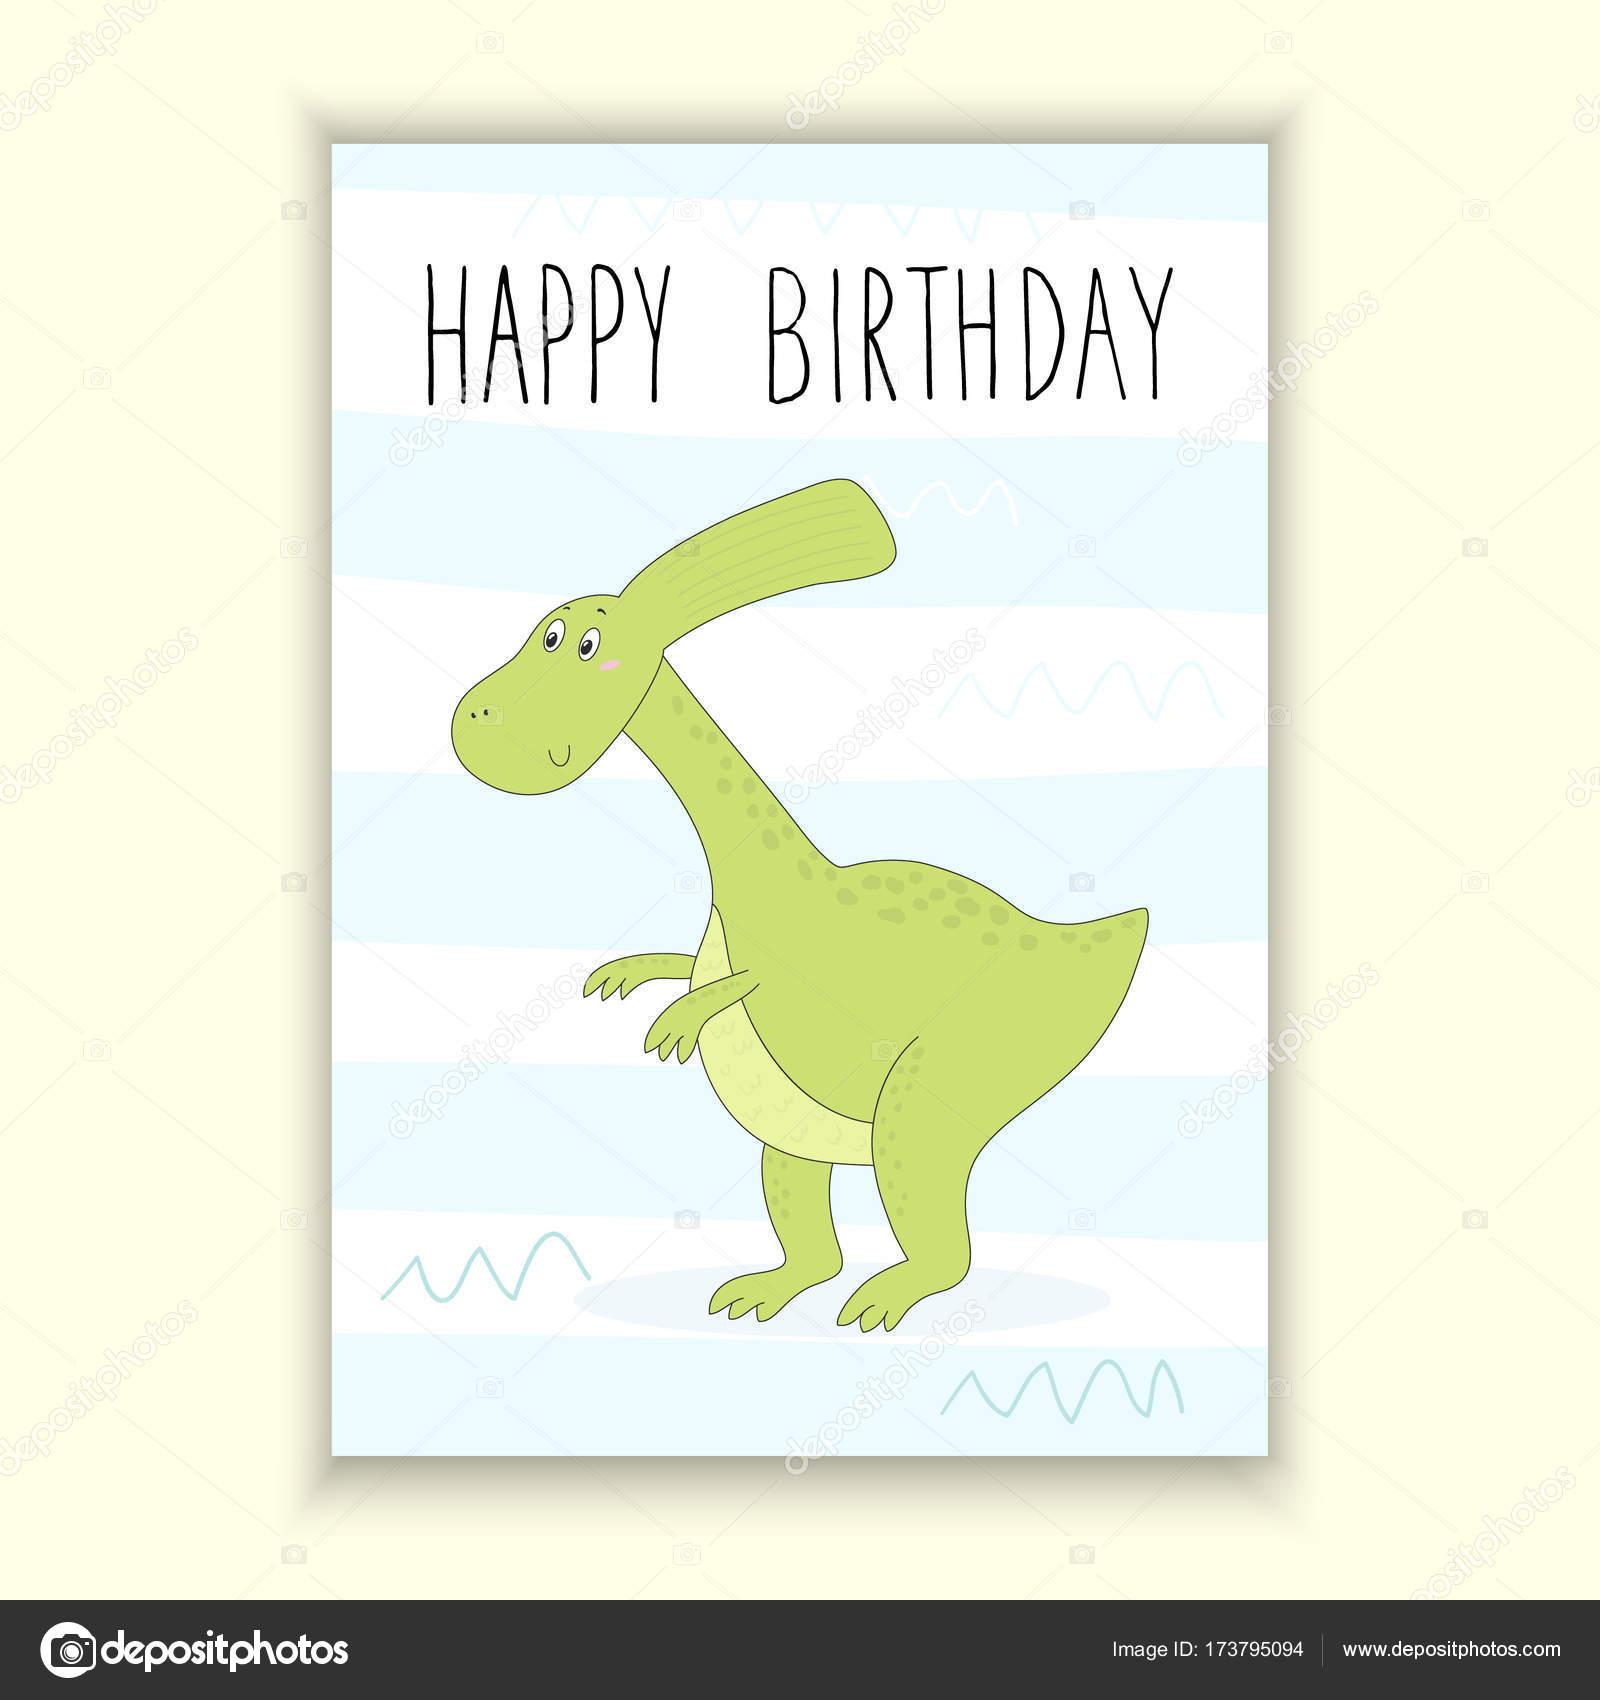 Happy Birthday Card Design Cute Hand Drawn Card With Dinosaur